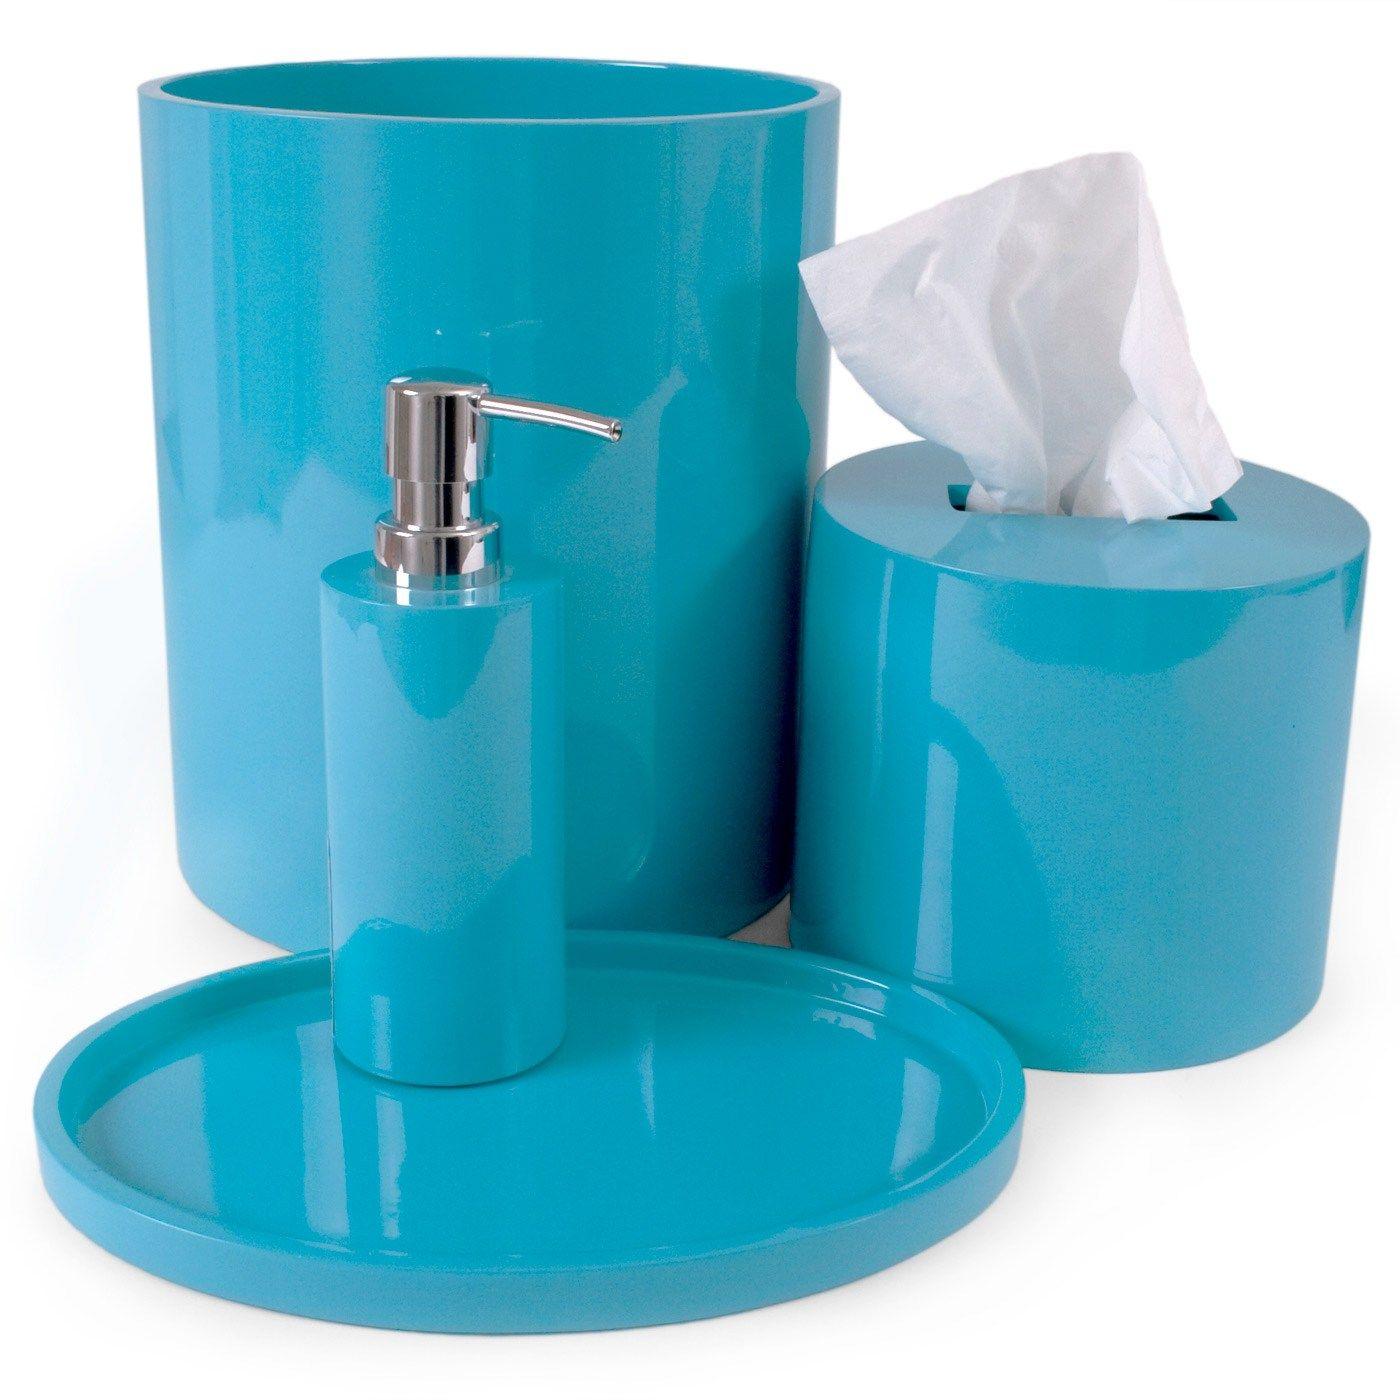 Jonathan Adler Bathroom Accessories In Turquoise From Zincdoor